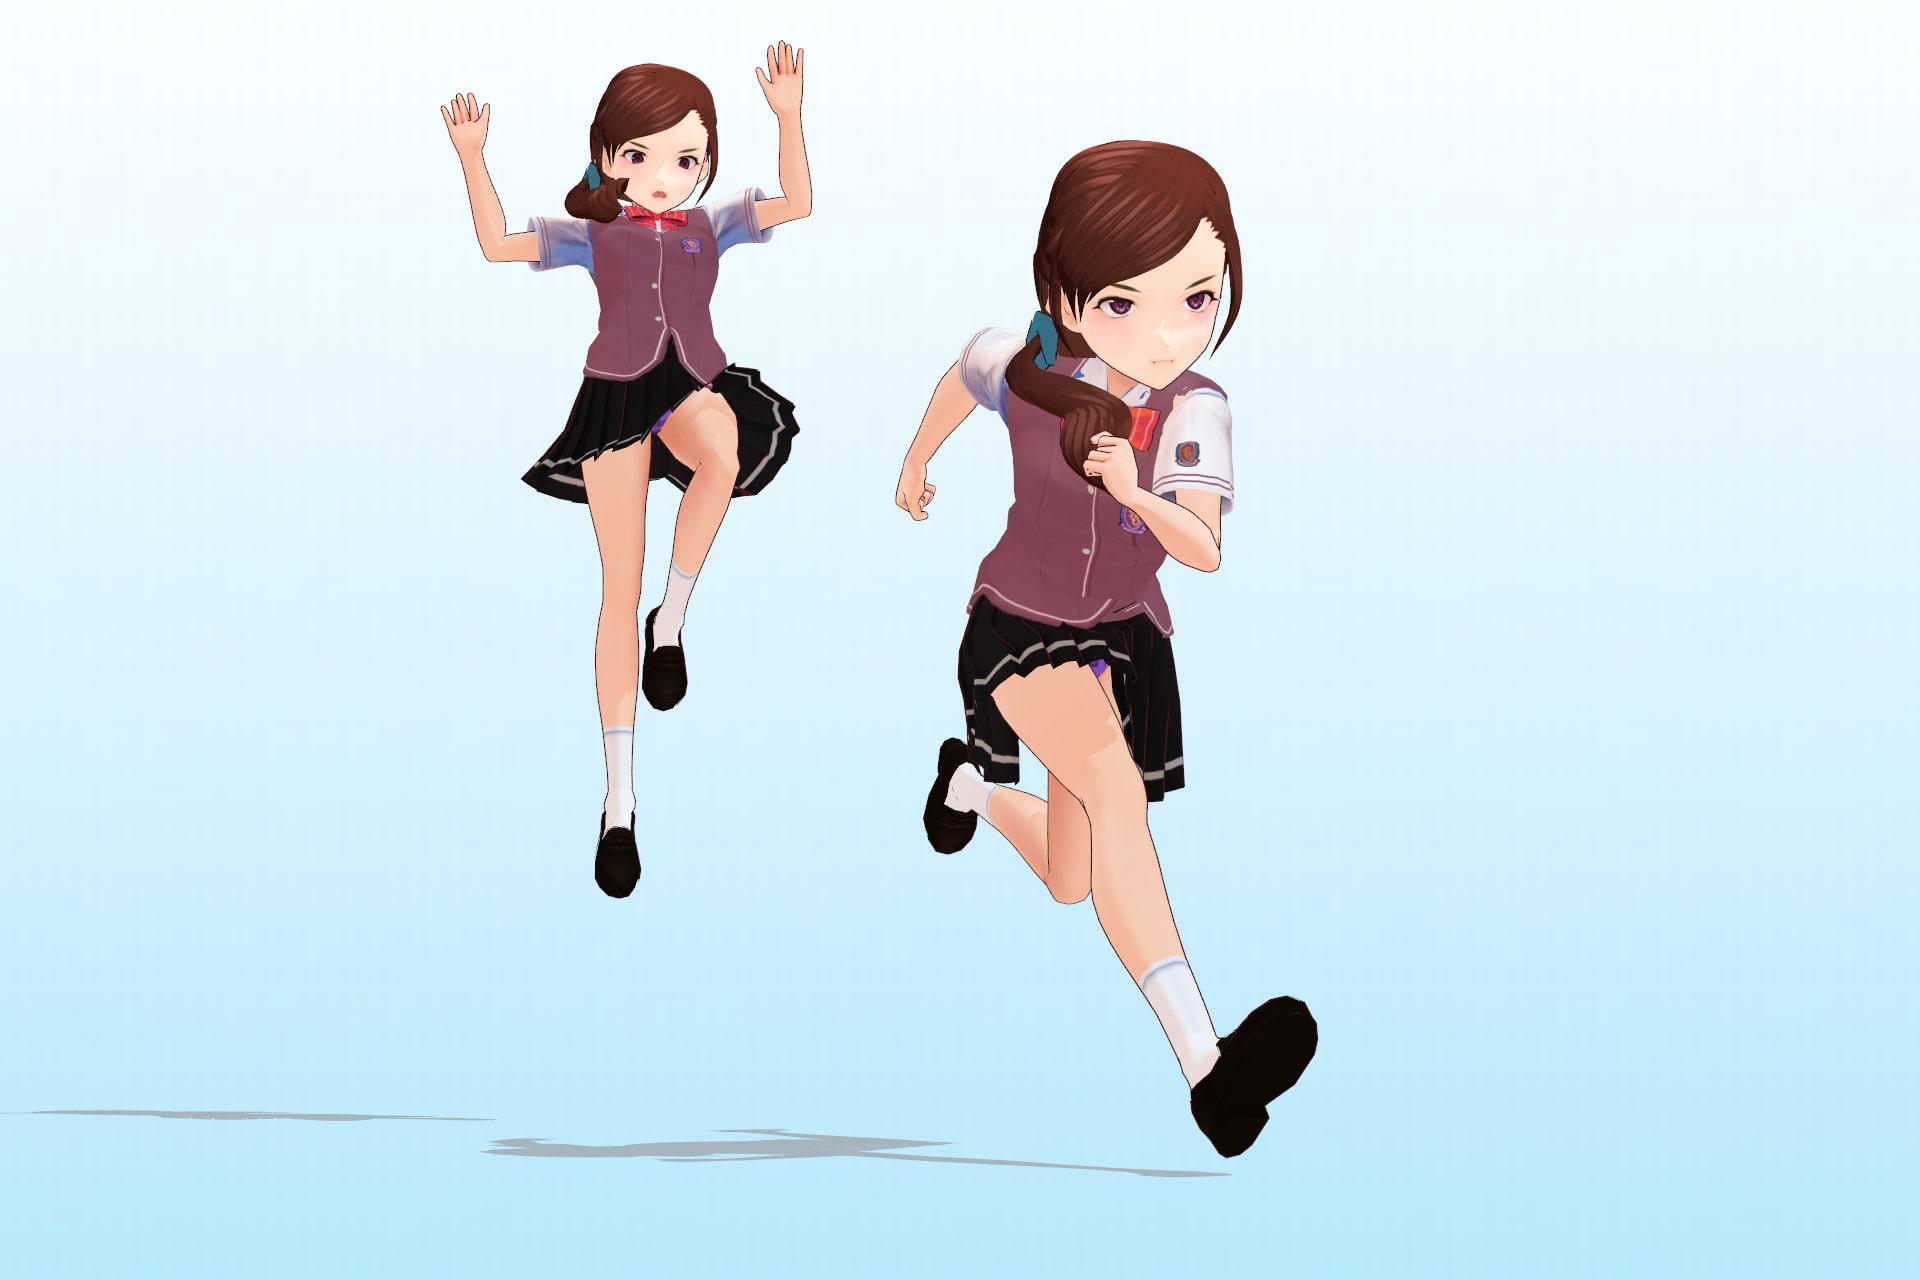 私立あかね高等学校 ○年3組 出席番号15番 白峰 恋 夏服3Dモデルデータ